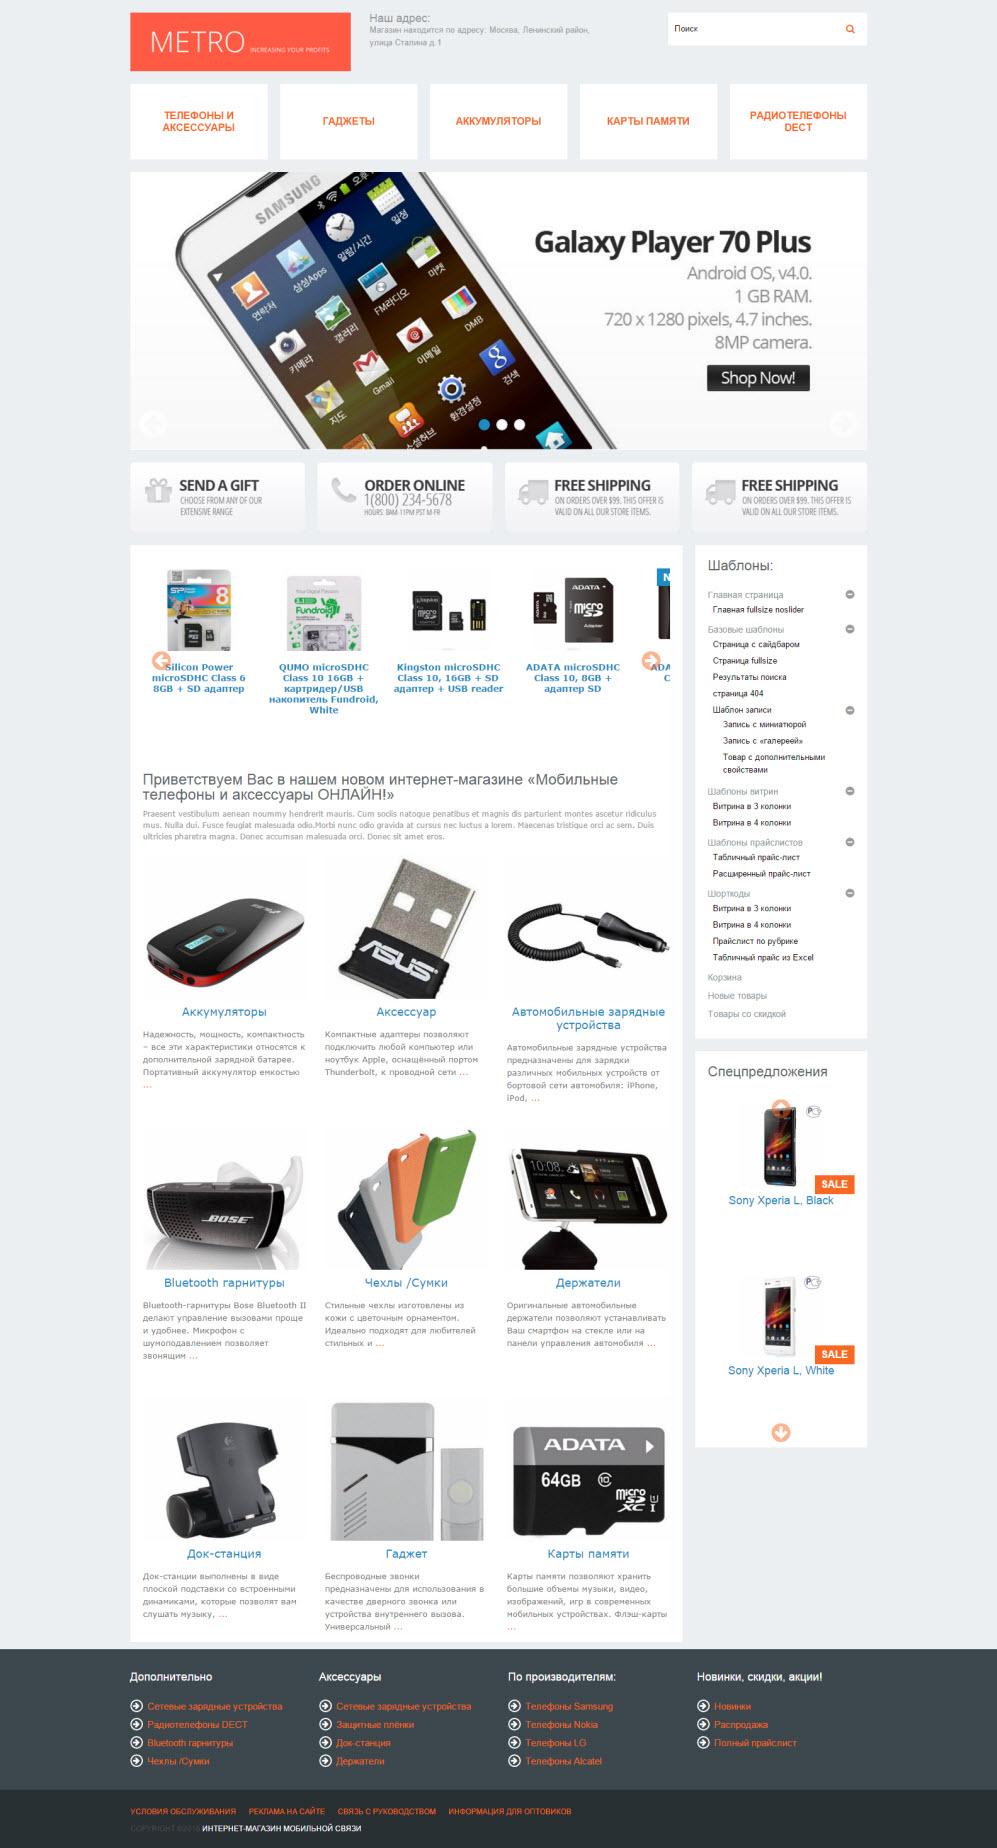 Интернет магазин телефонов, планшетов, смартфонов